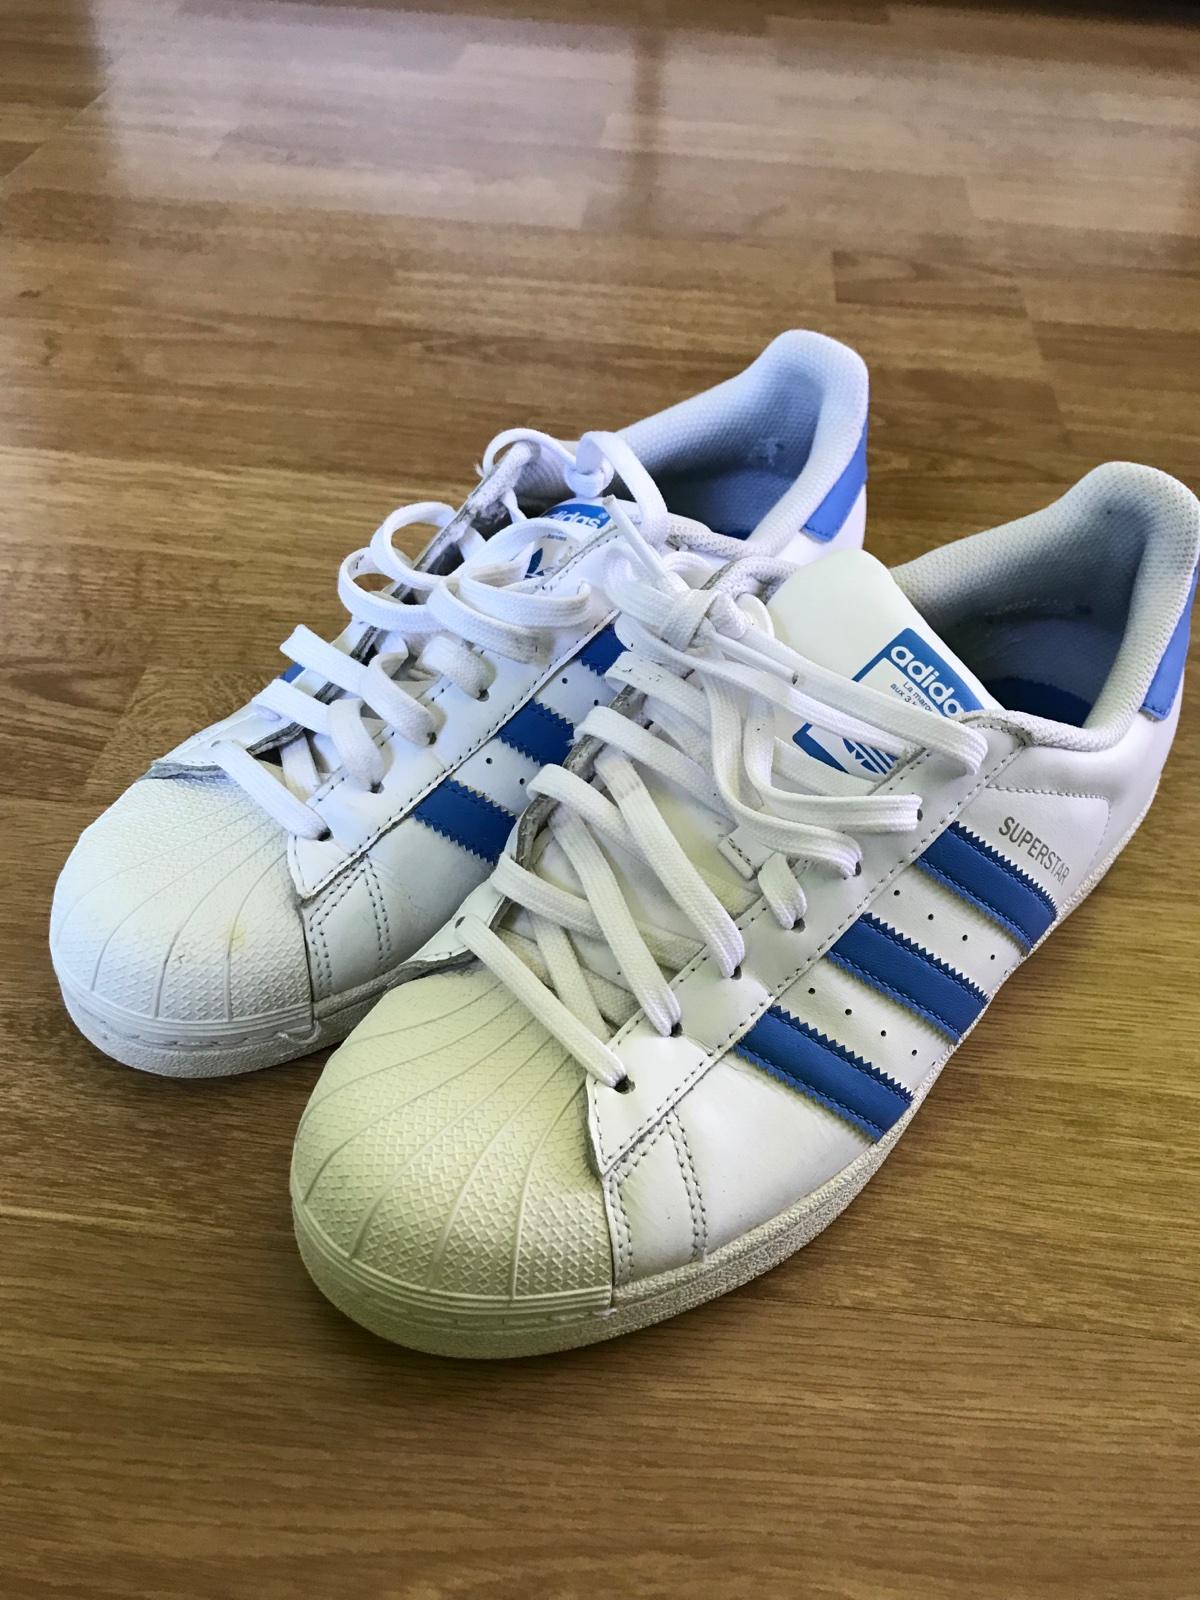 Adidas superstar 1b8f2b4455a